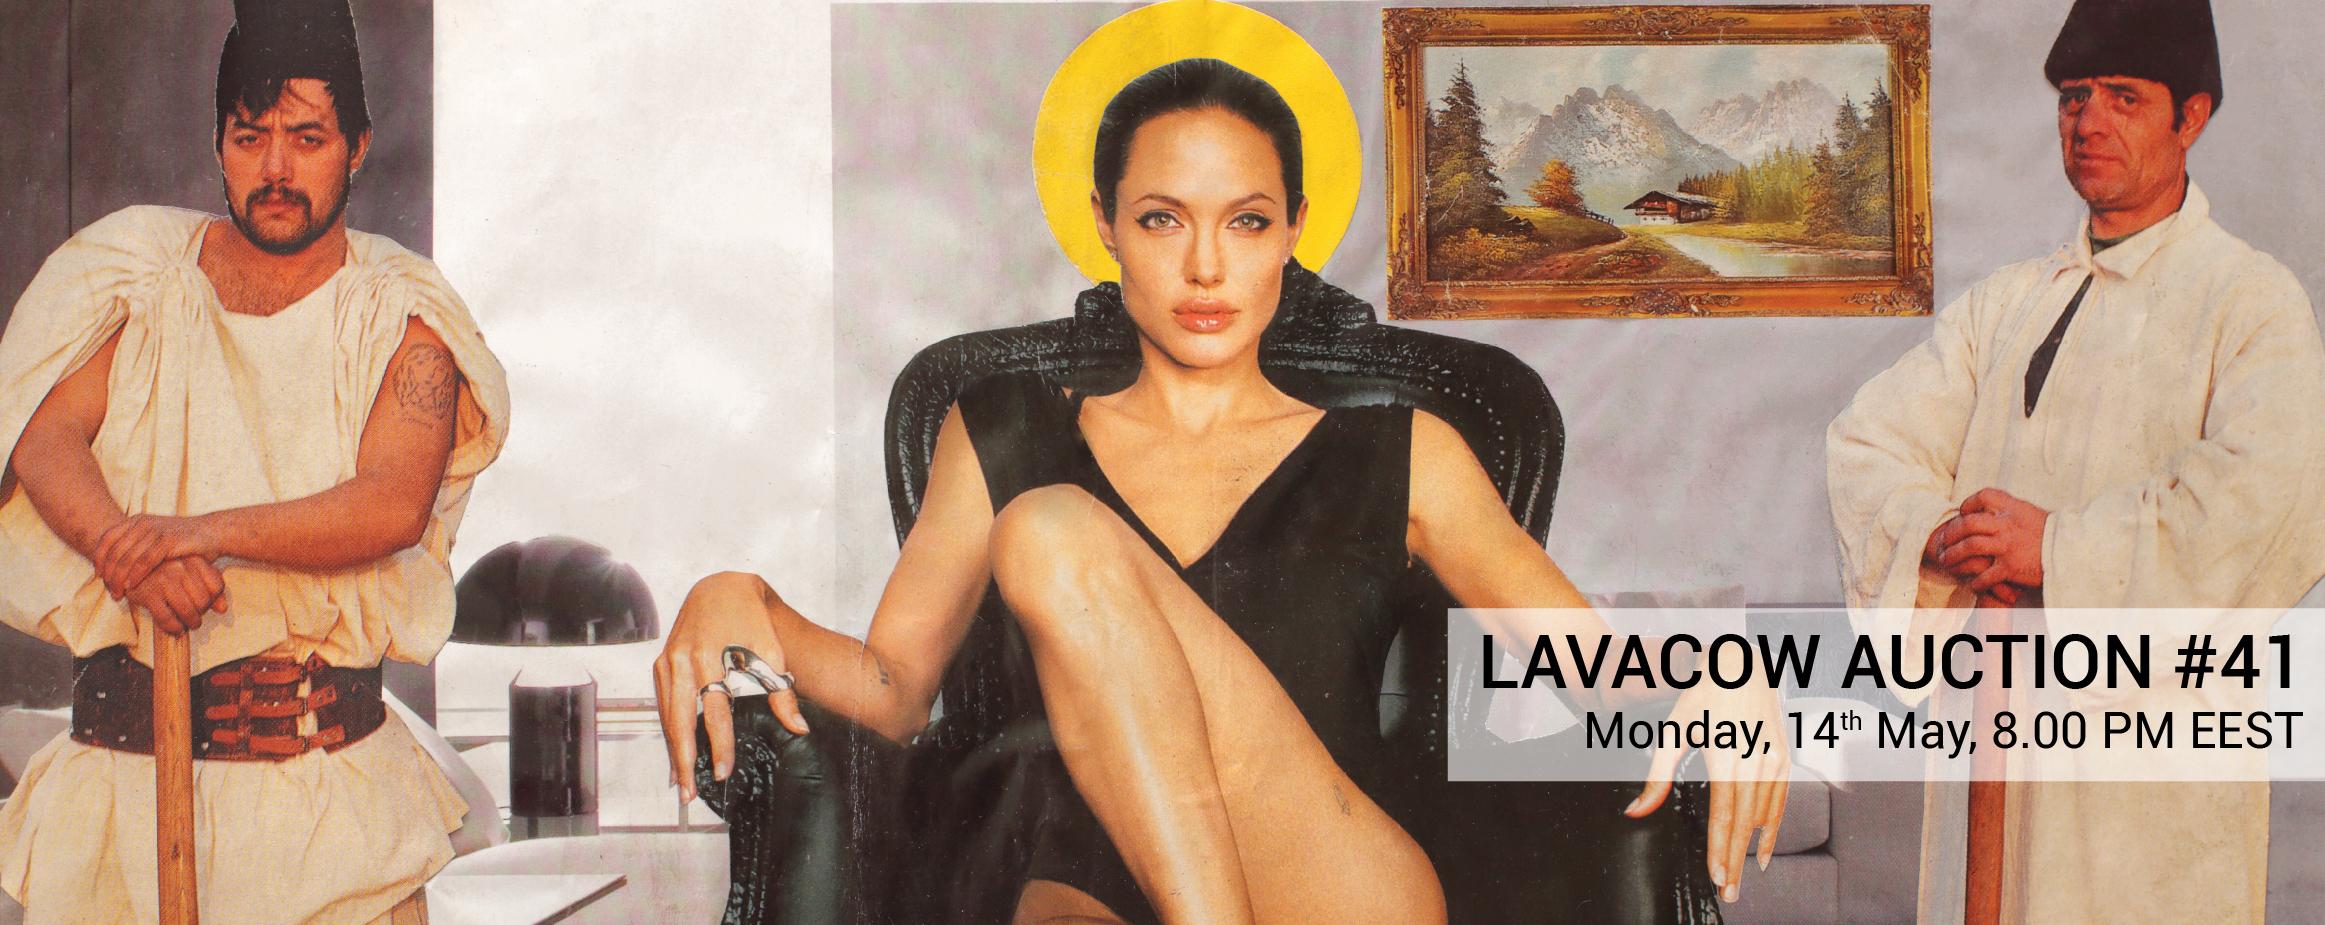 Surprise Edition - Lavacow Auction #41